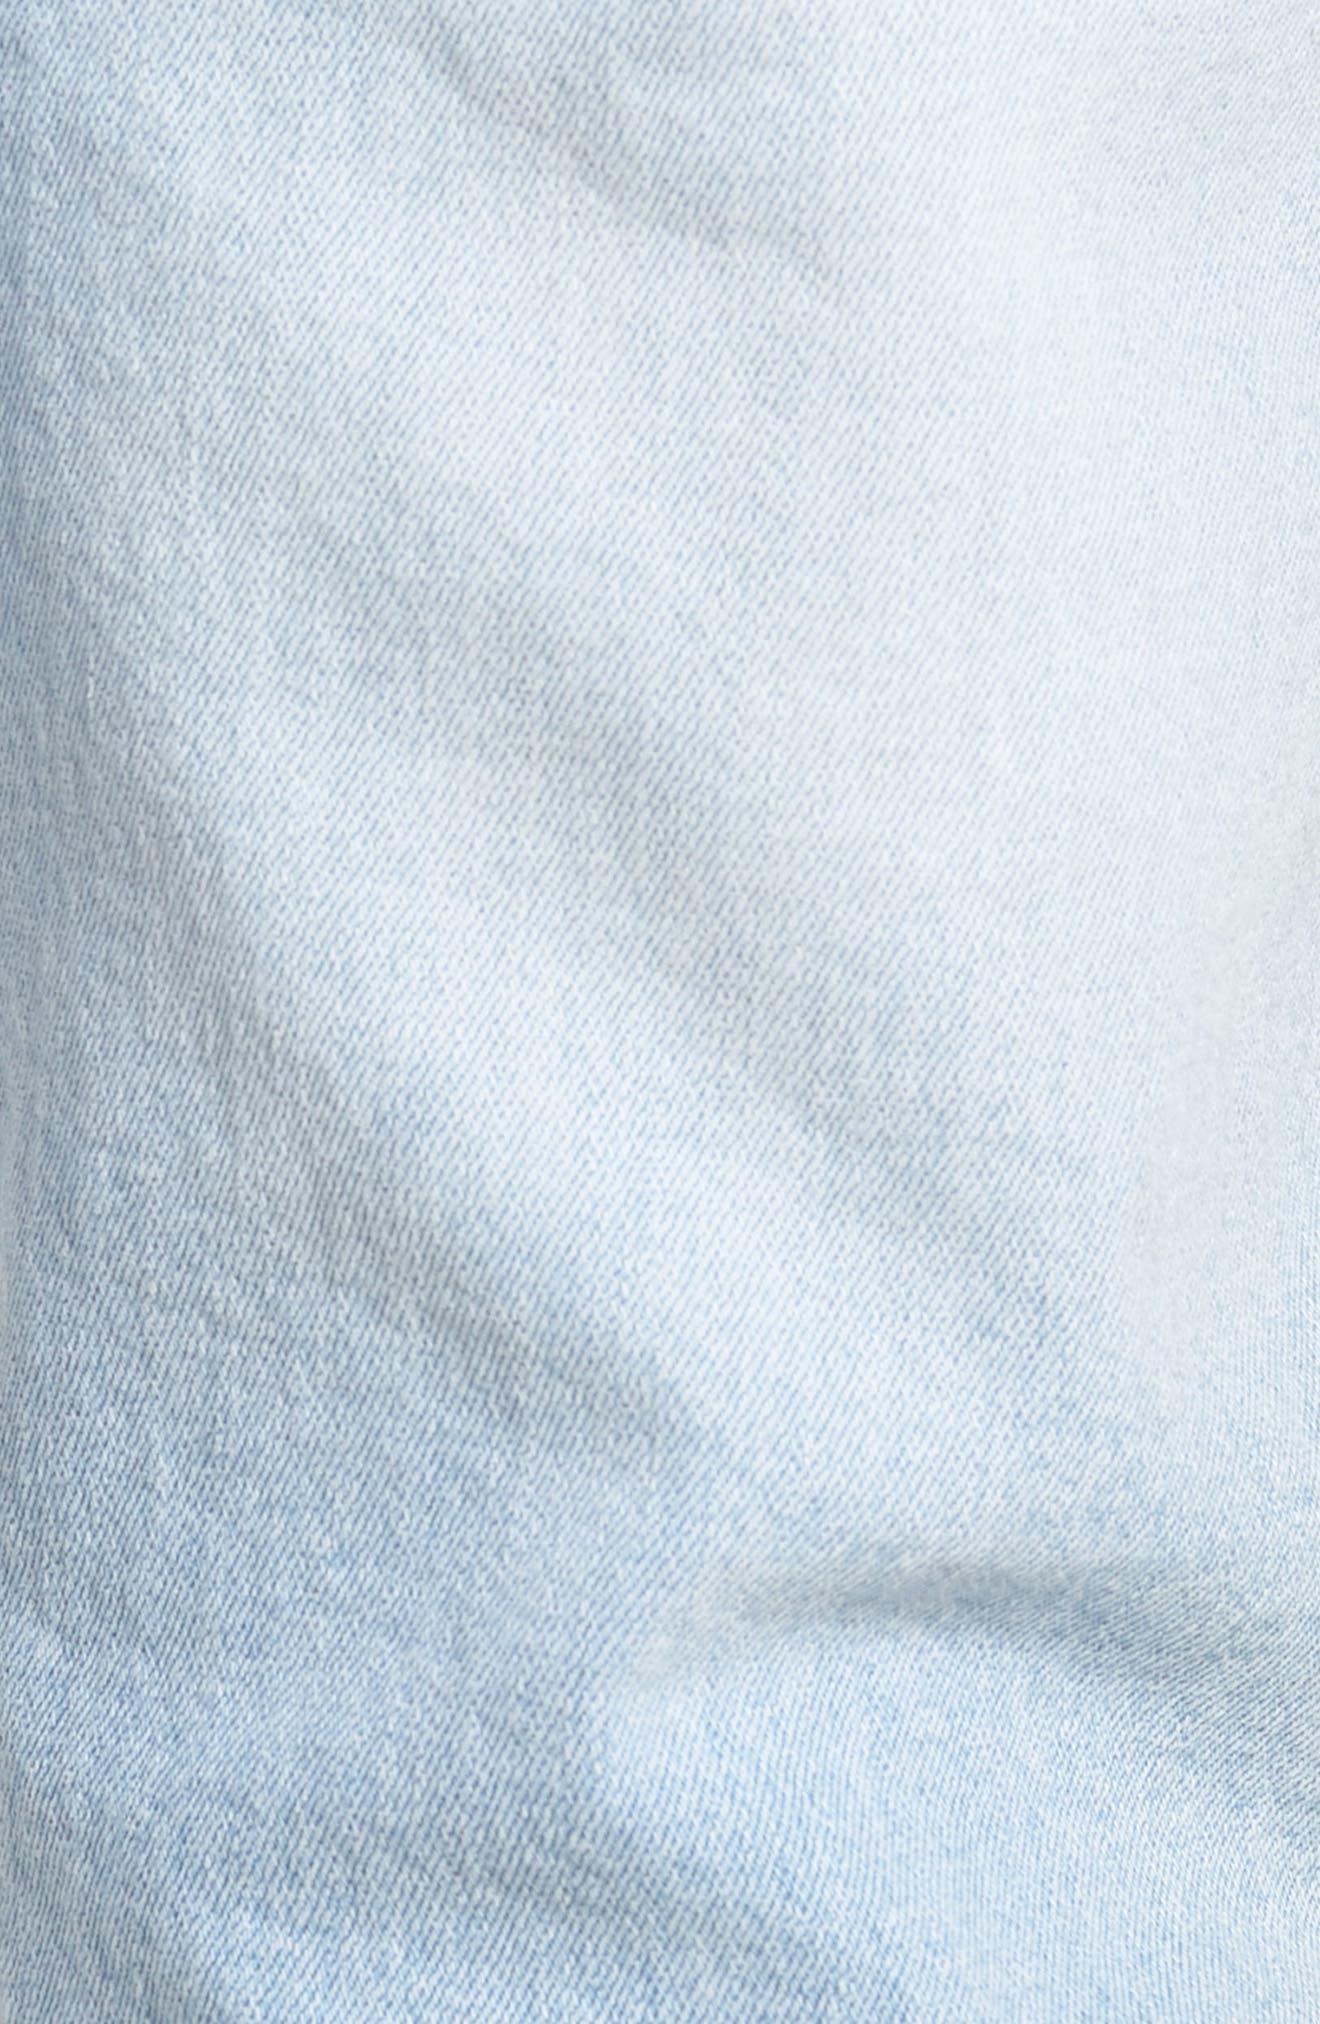 Clark Slim Straight Leg Jeans,                             Alternate thumbnail 5, color,                             Superlight Blue Ripped